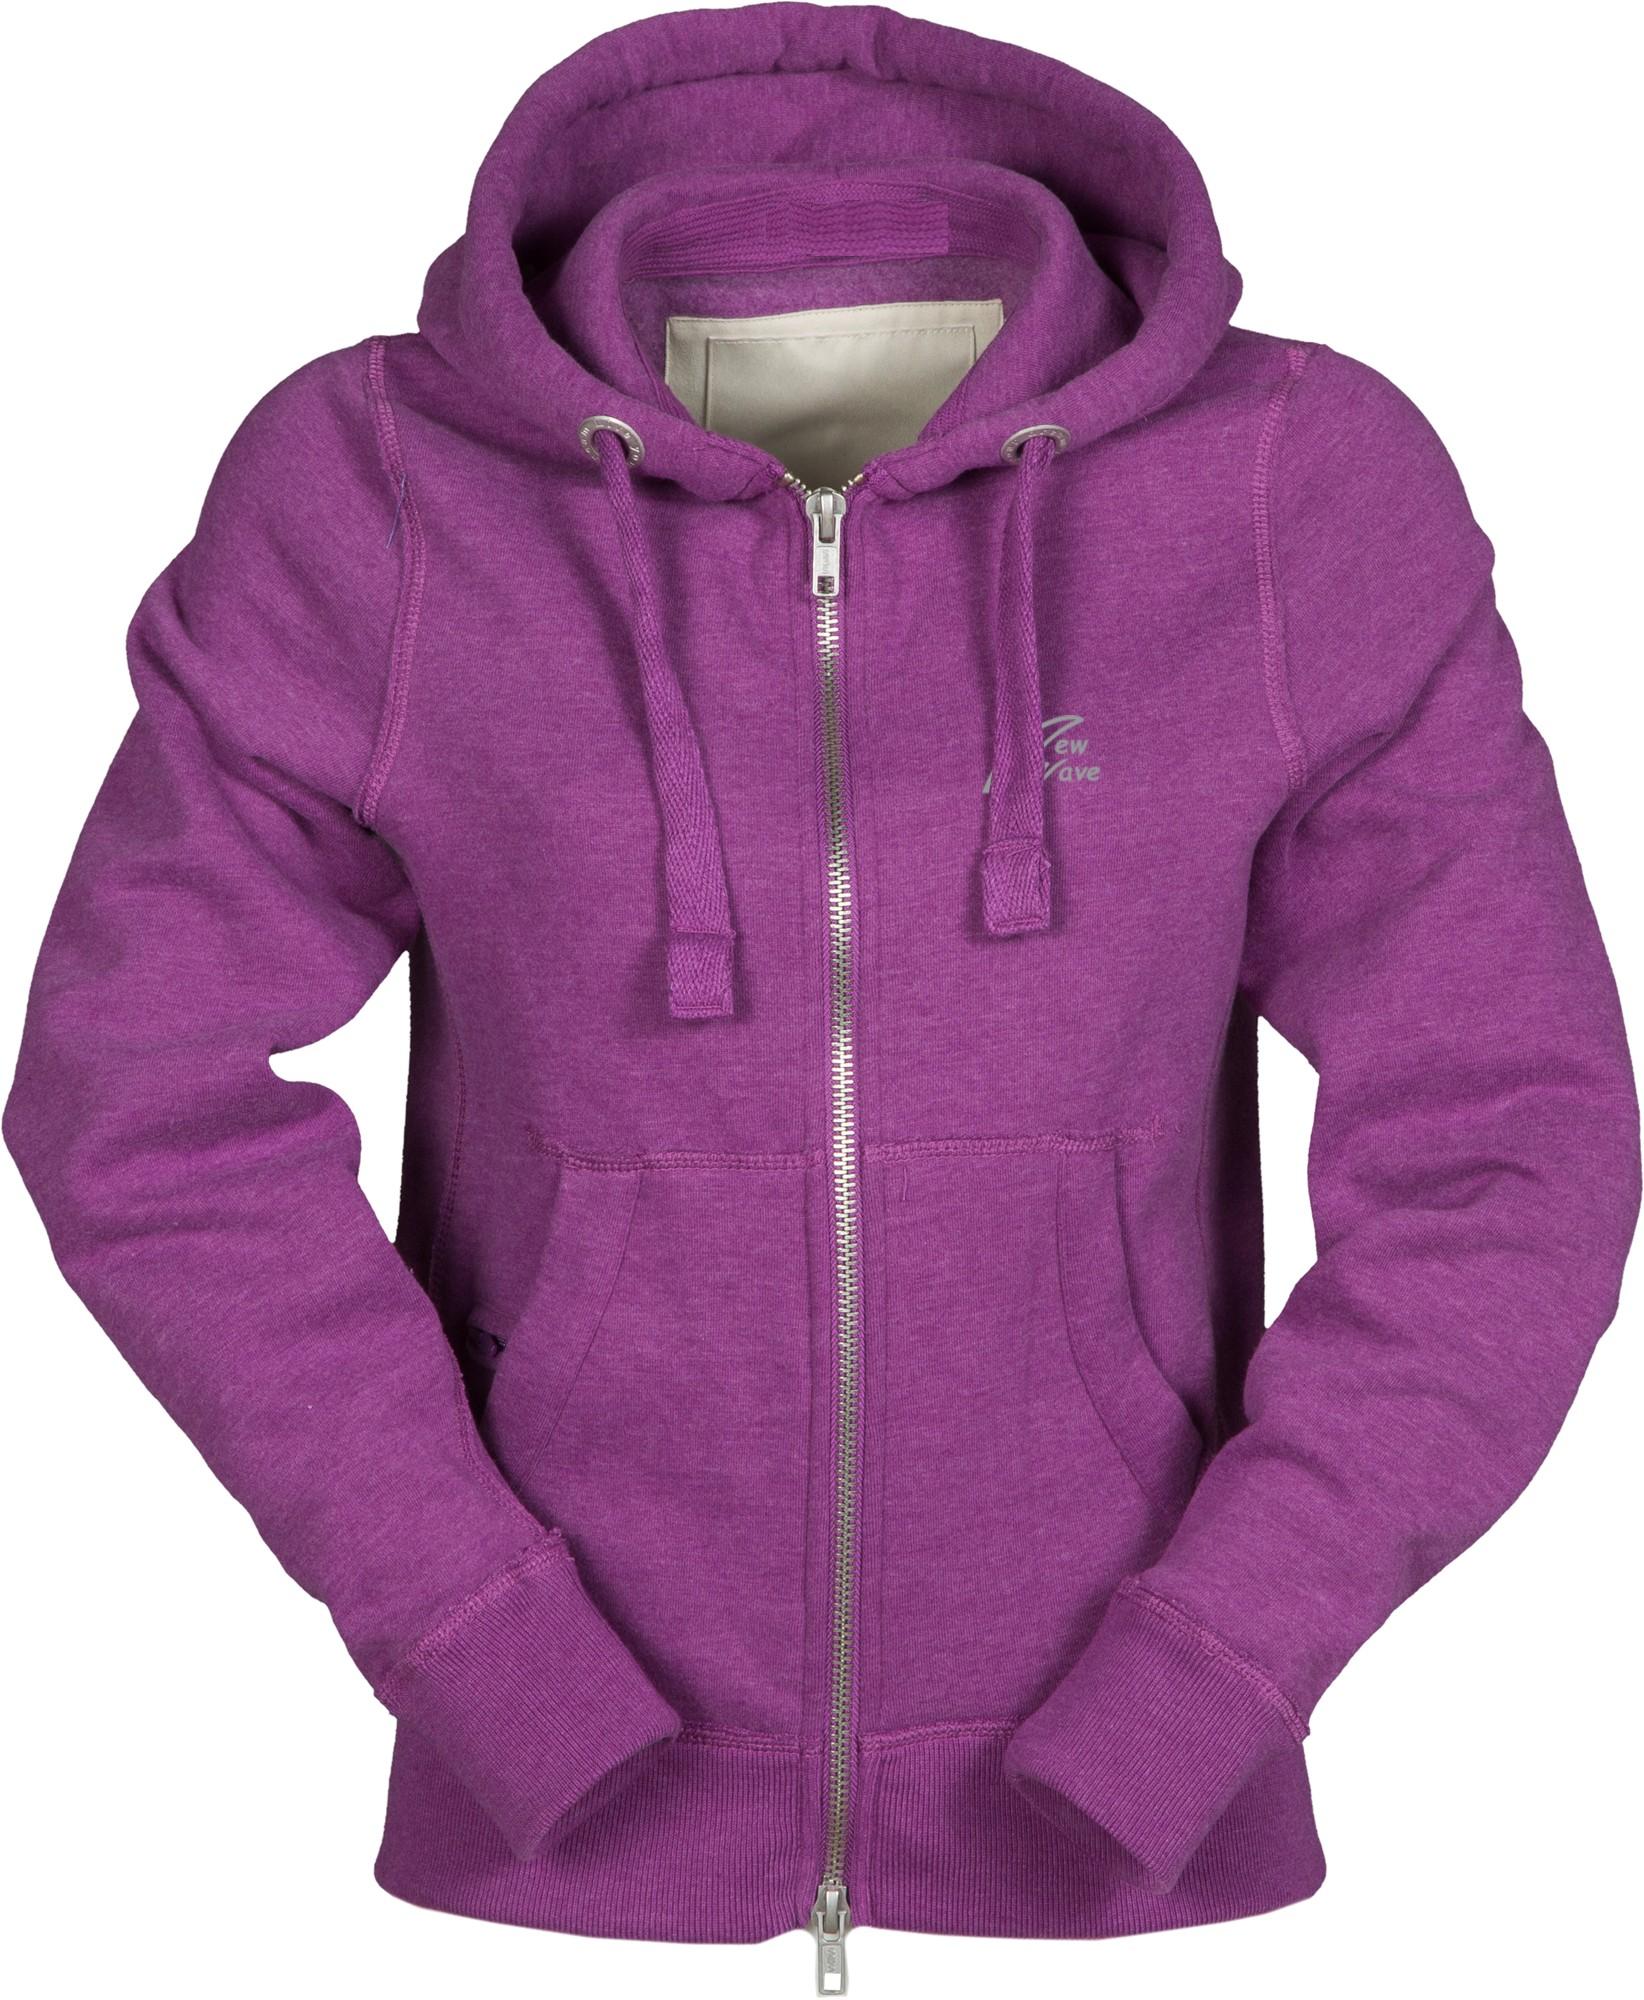 Vintage Full Zip Hoodie-summer violett meliert